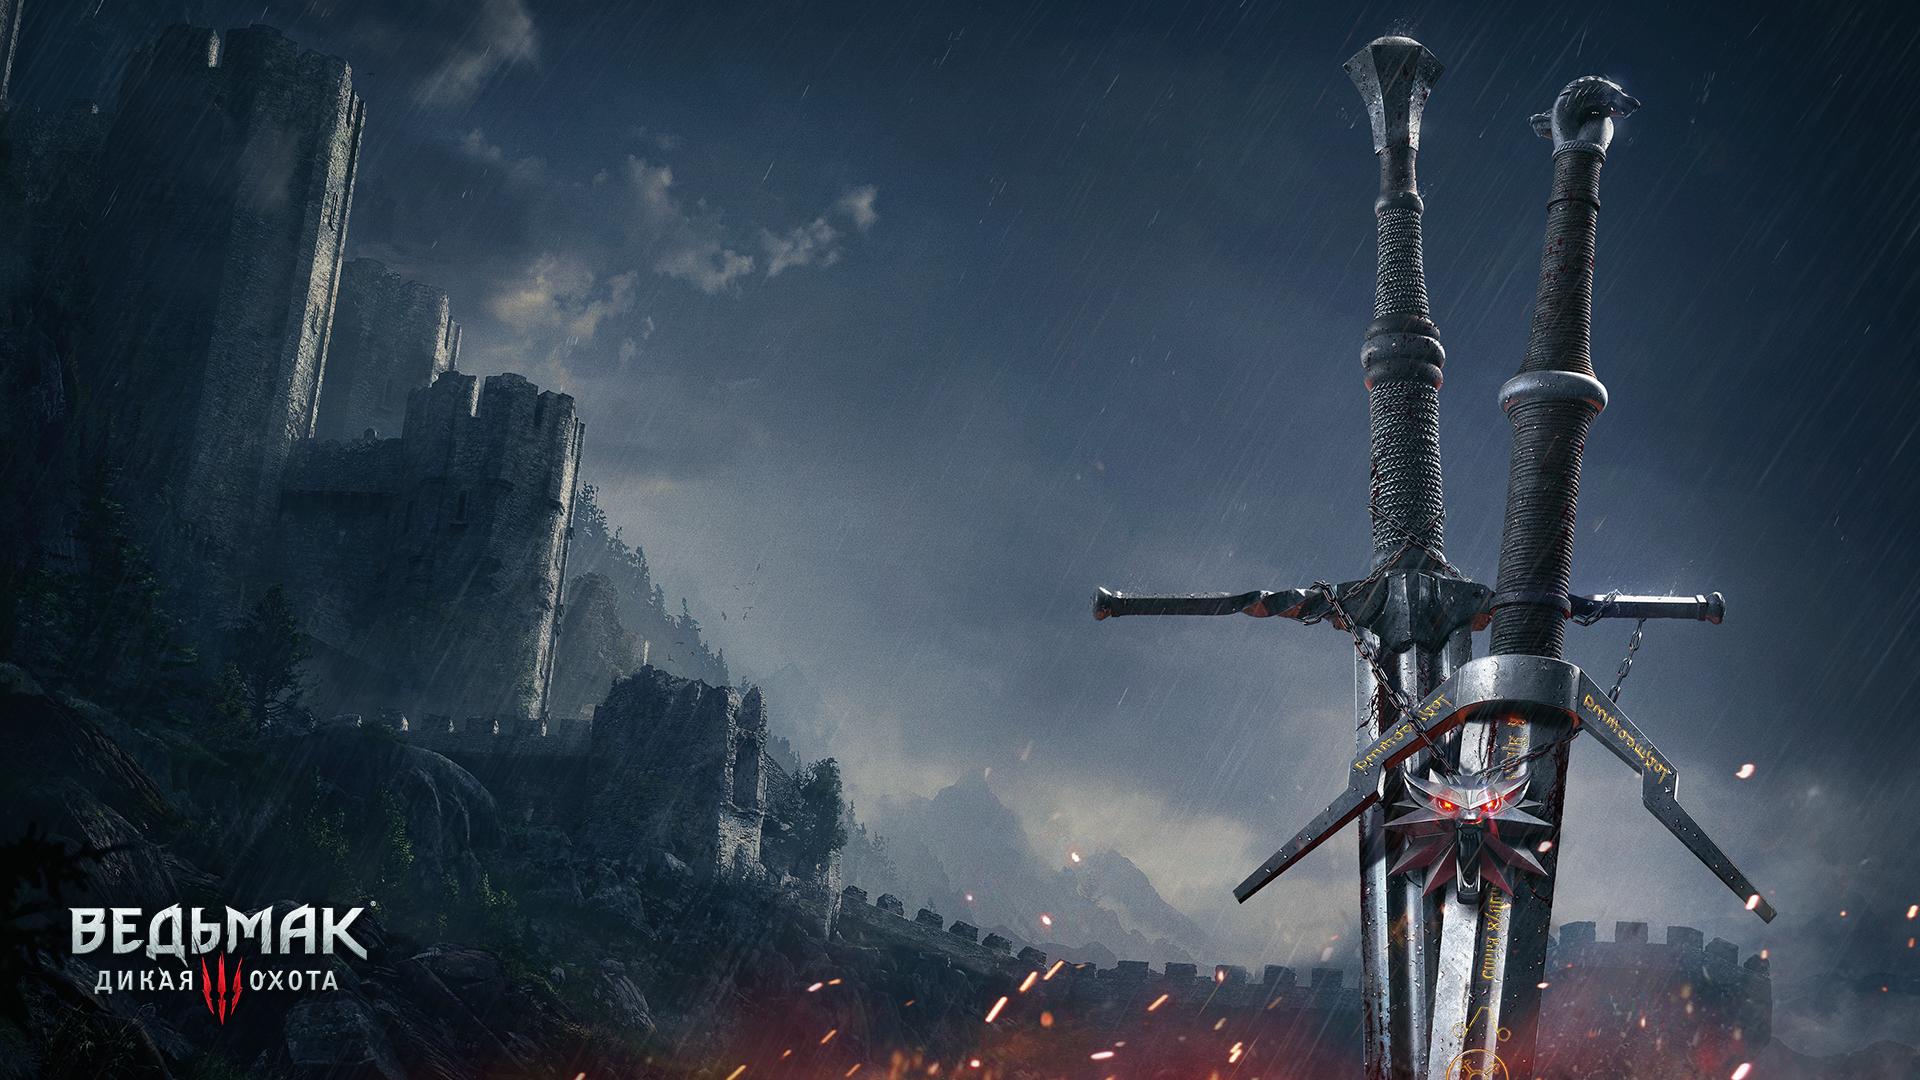 The Witcher 3: Wild Hunt. Ответы на вопросы, новые факты и информация о игре.   Сводка вопросов и ответов по игре, в .... - Изображение 1